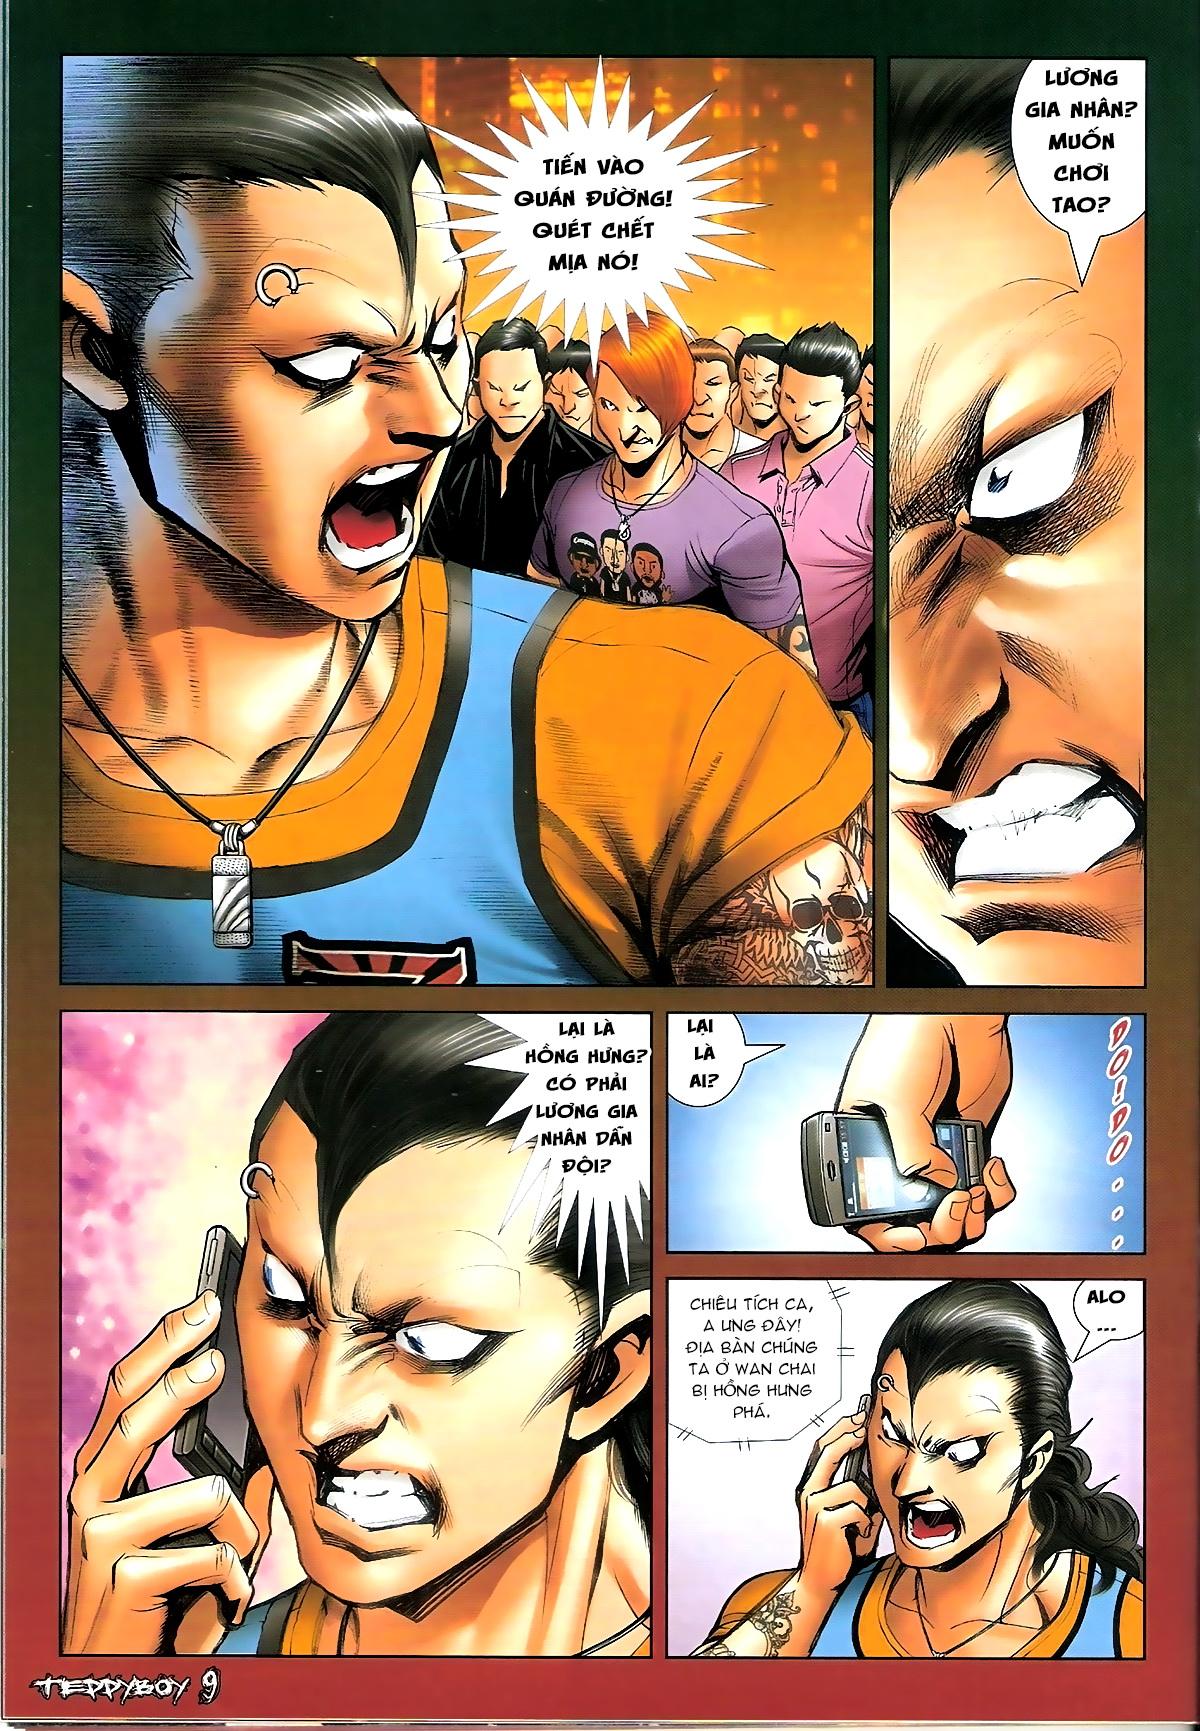 Người Trong Giang Hồ - Chapter 1338: Lương Gia Nhân và Chiêu Tích - Pic 7